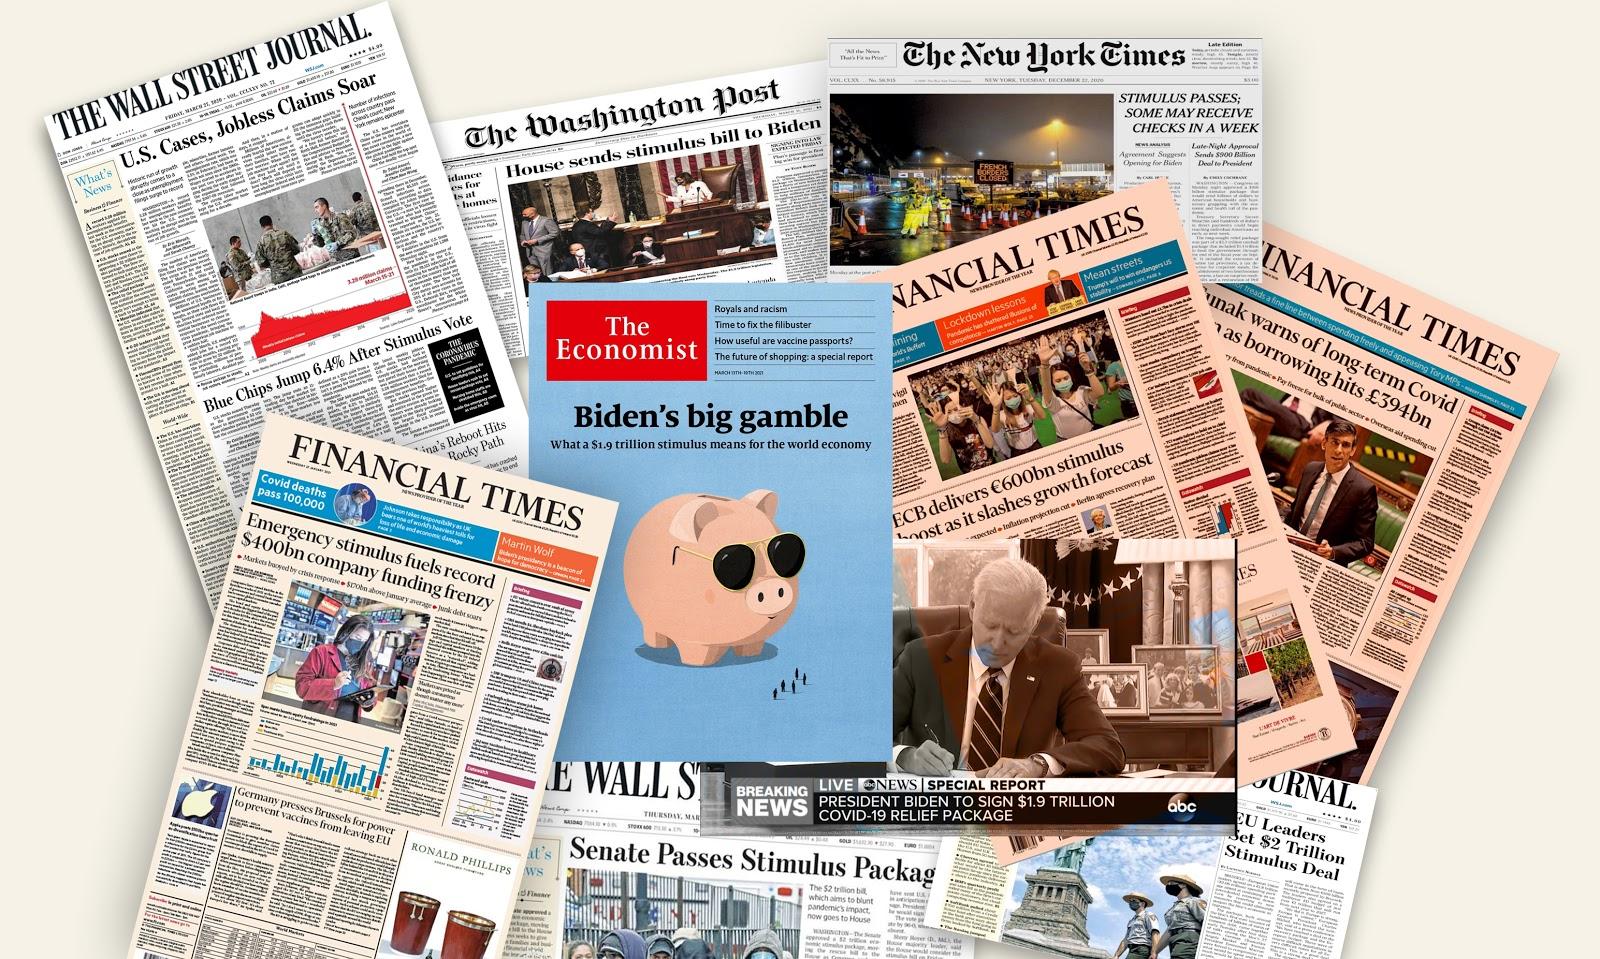 Renomowane gazety odnoszące się do o Quantitative Easing / Stimulus (czyt. dodruk pieniędzy)